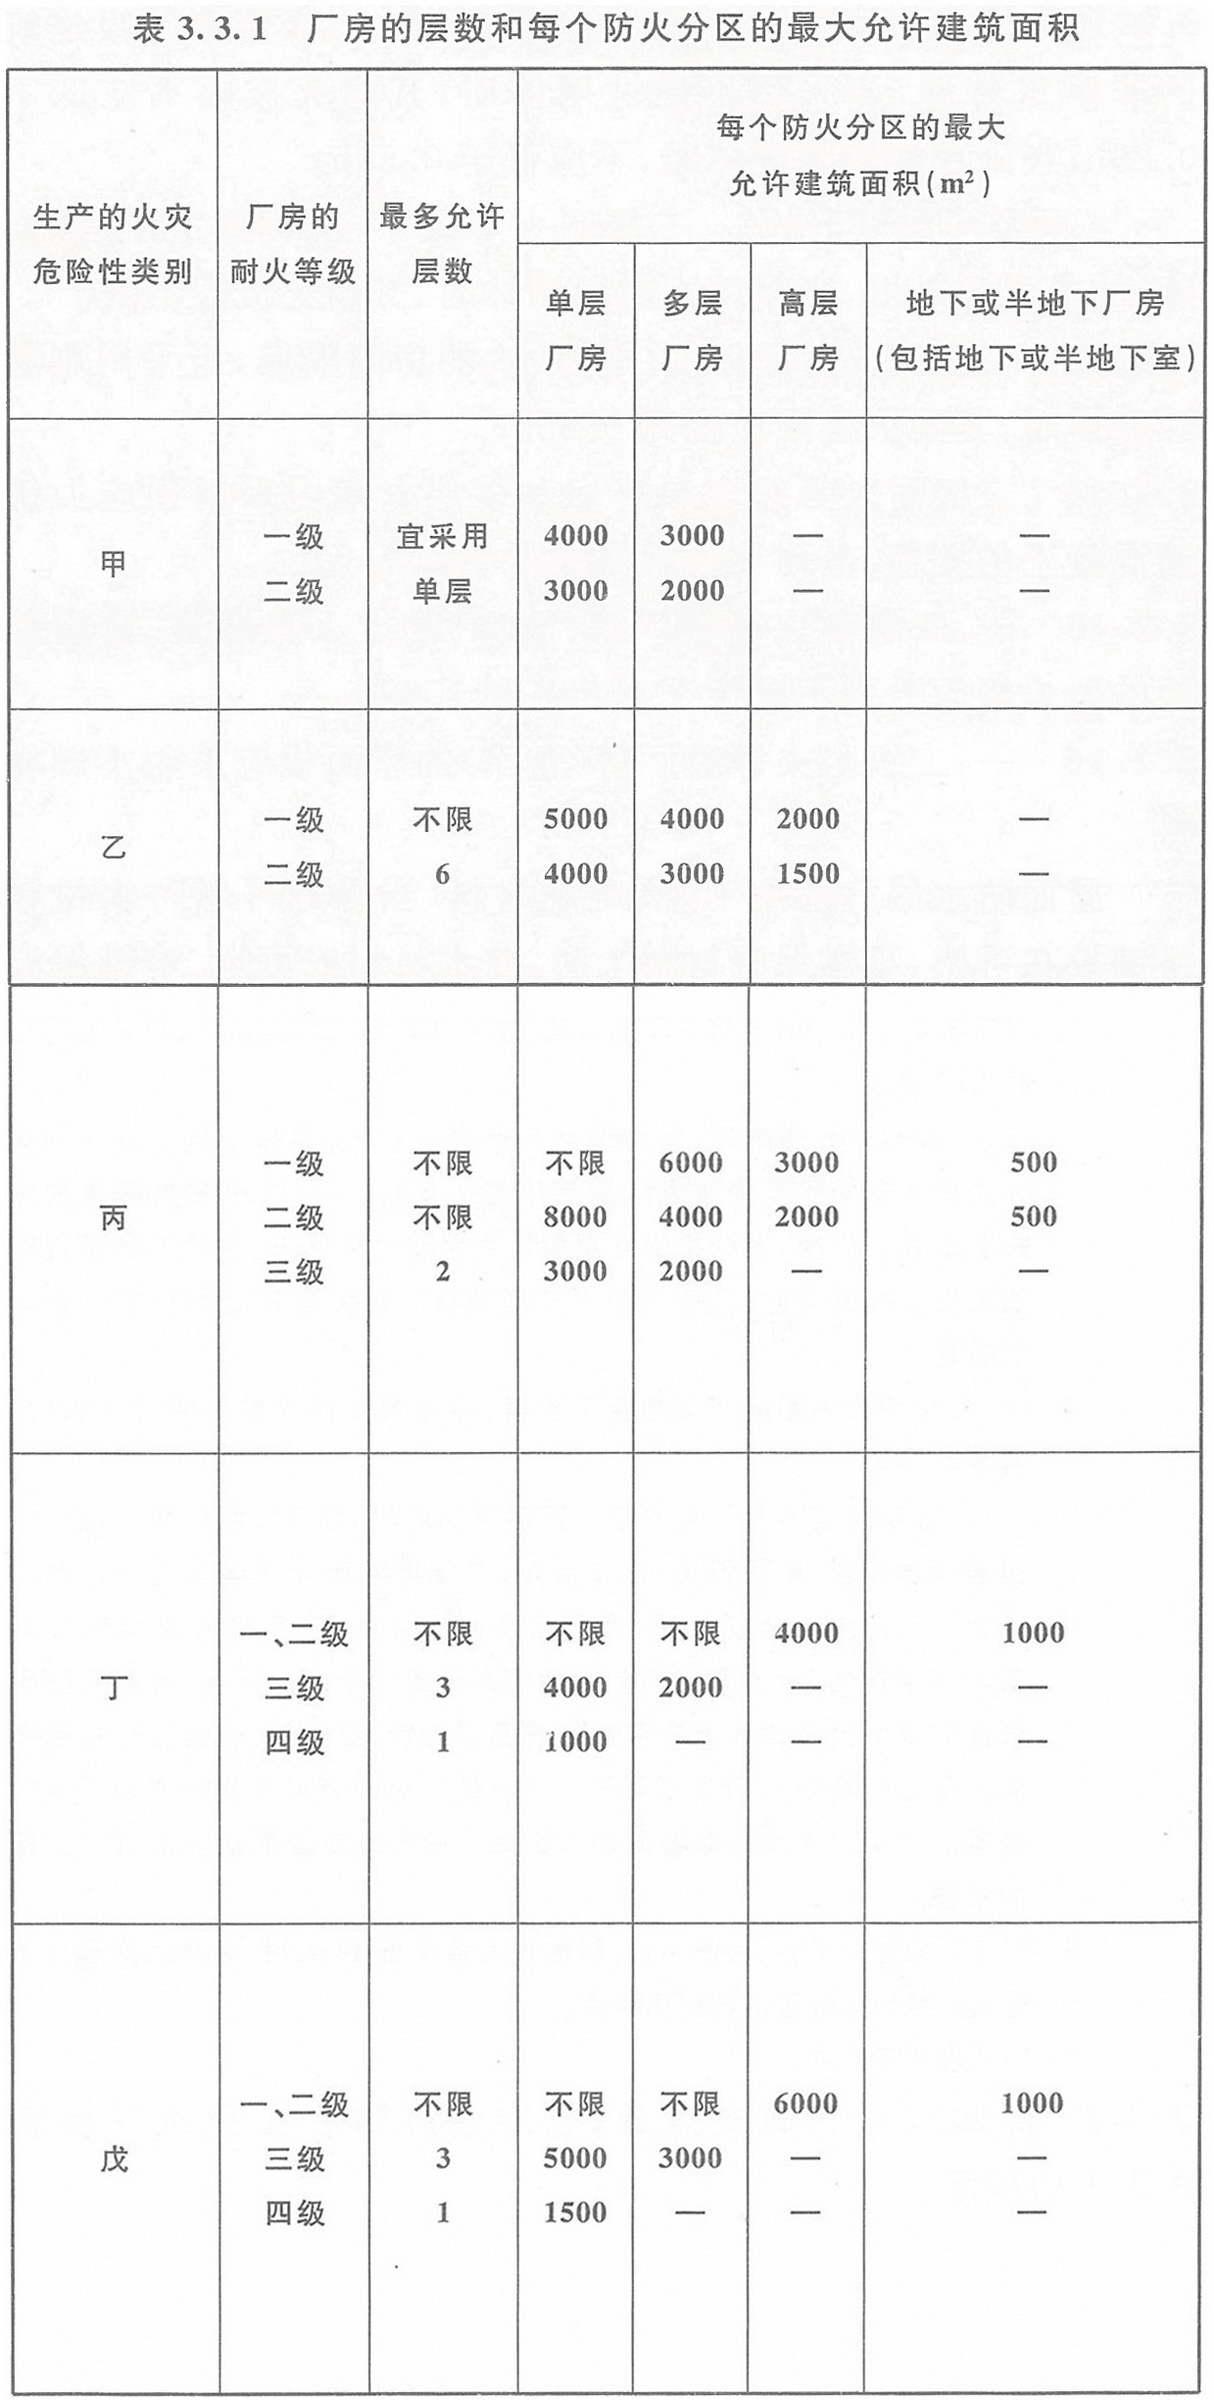 表3.3.1 厂房的层数和每个防火分区的最大允许建筑面积